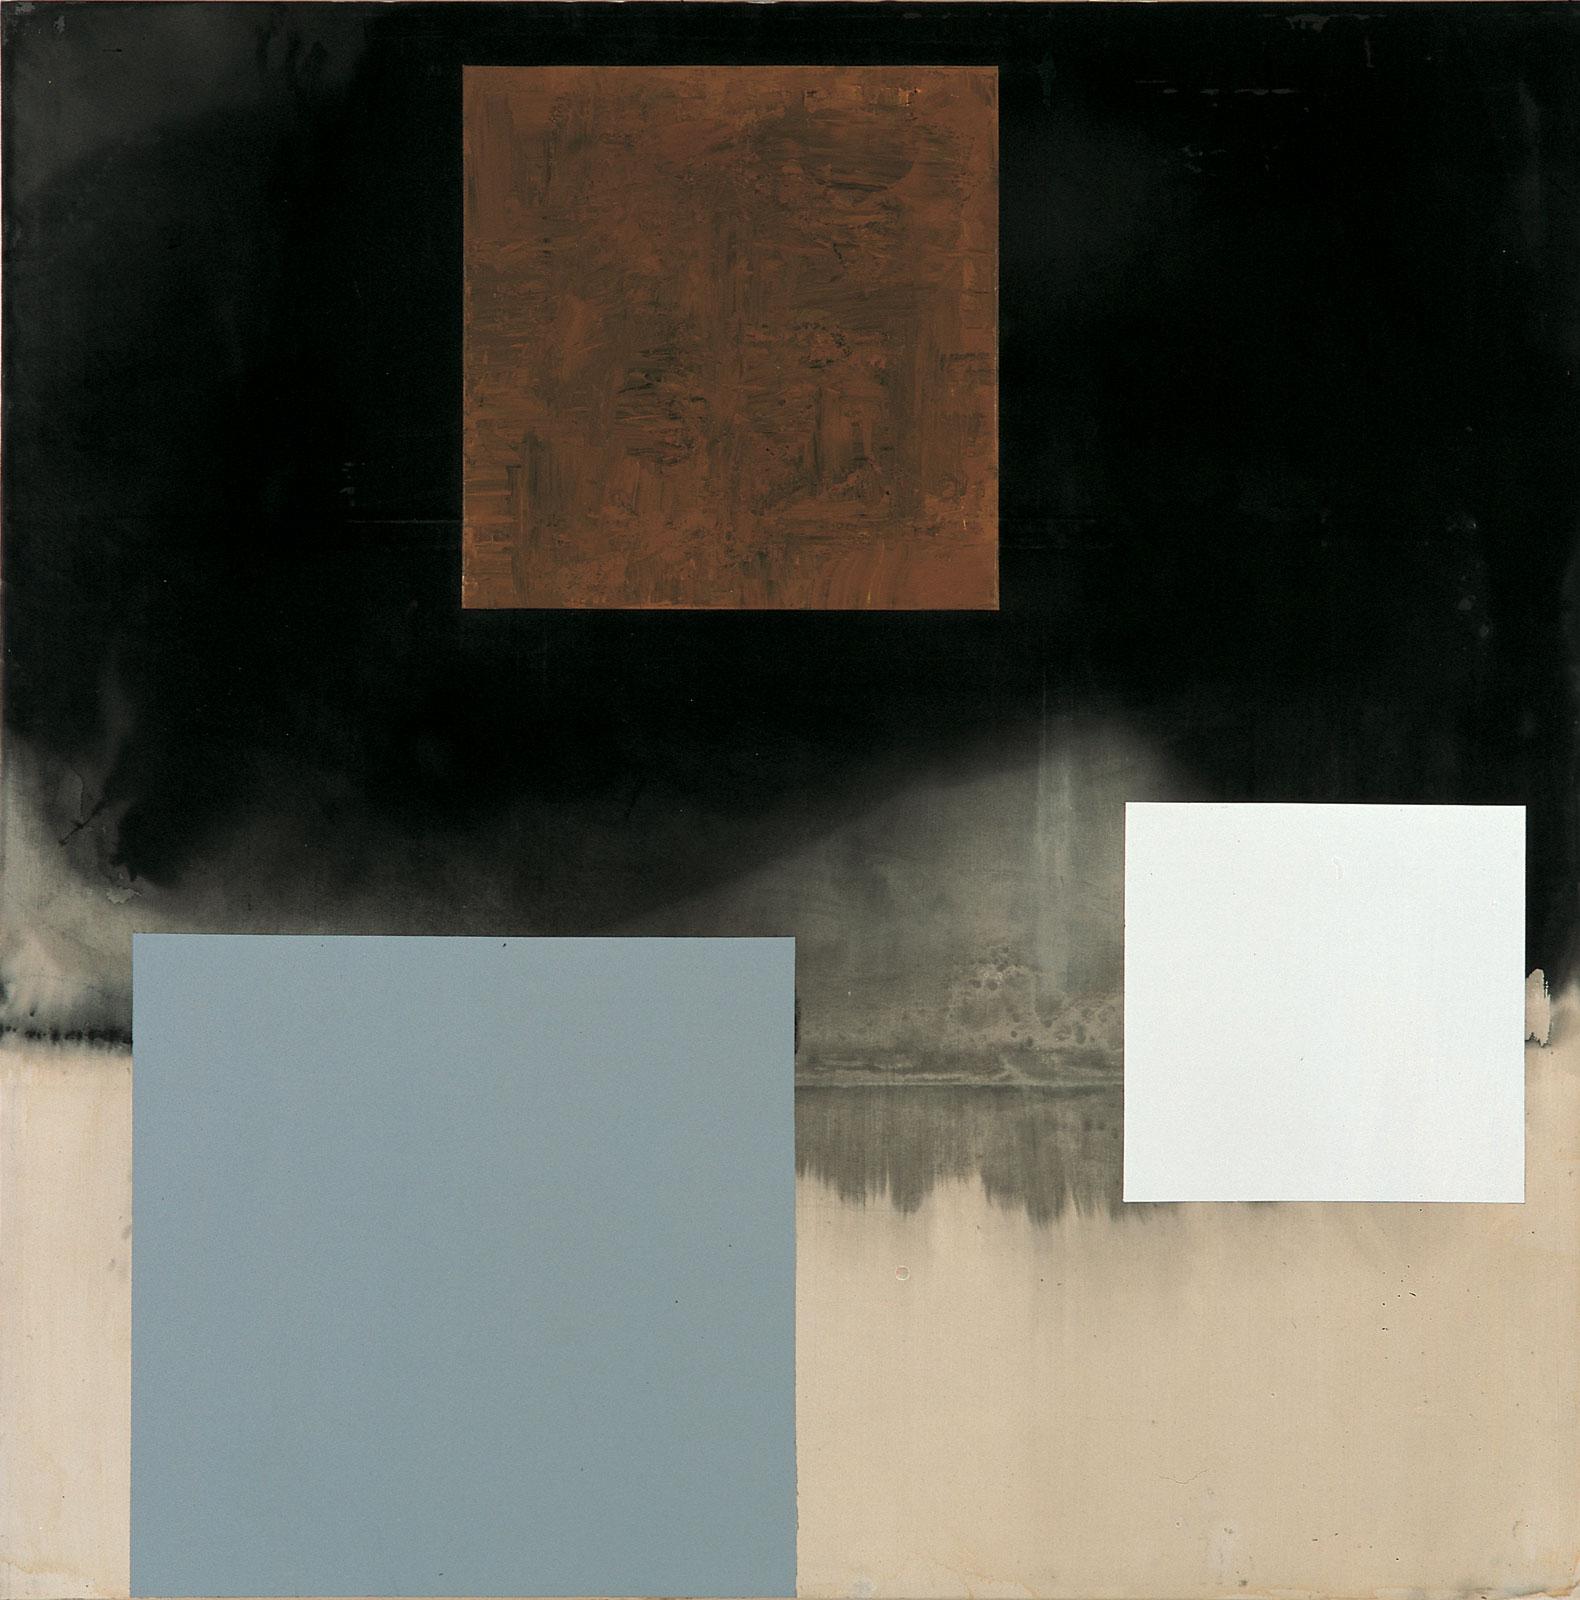 Paul Osipow, Det andra, 1995-97, Acrylic on canvas, 240 x 240 cm